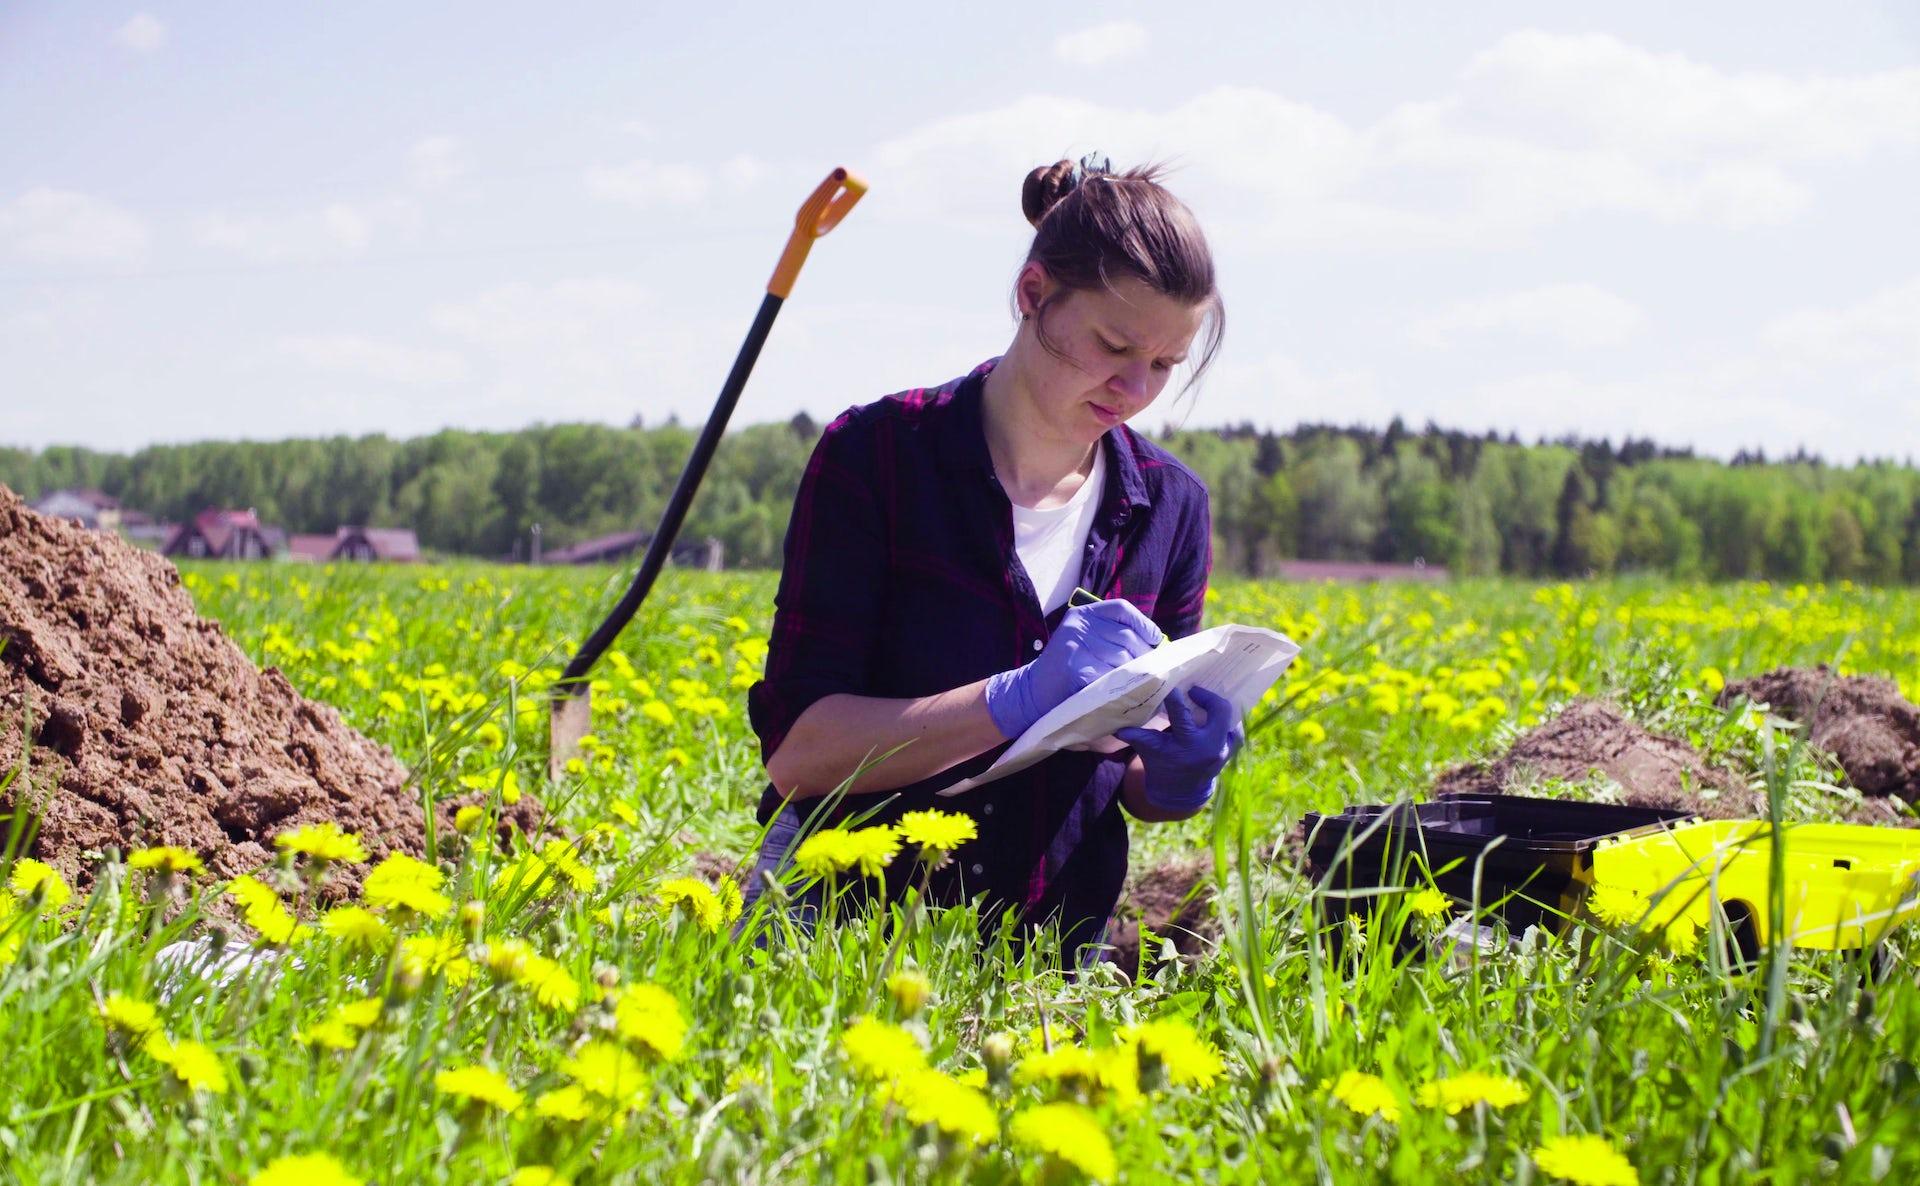 Préservation de la biodiversité: comment s'élabore l'expertise scientifique?